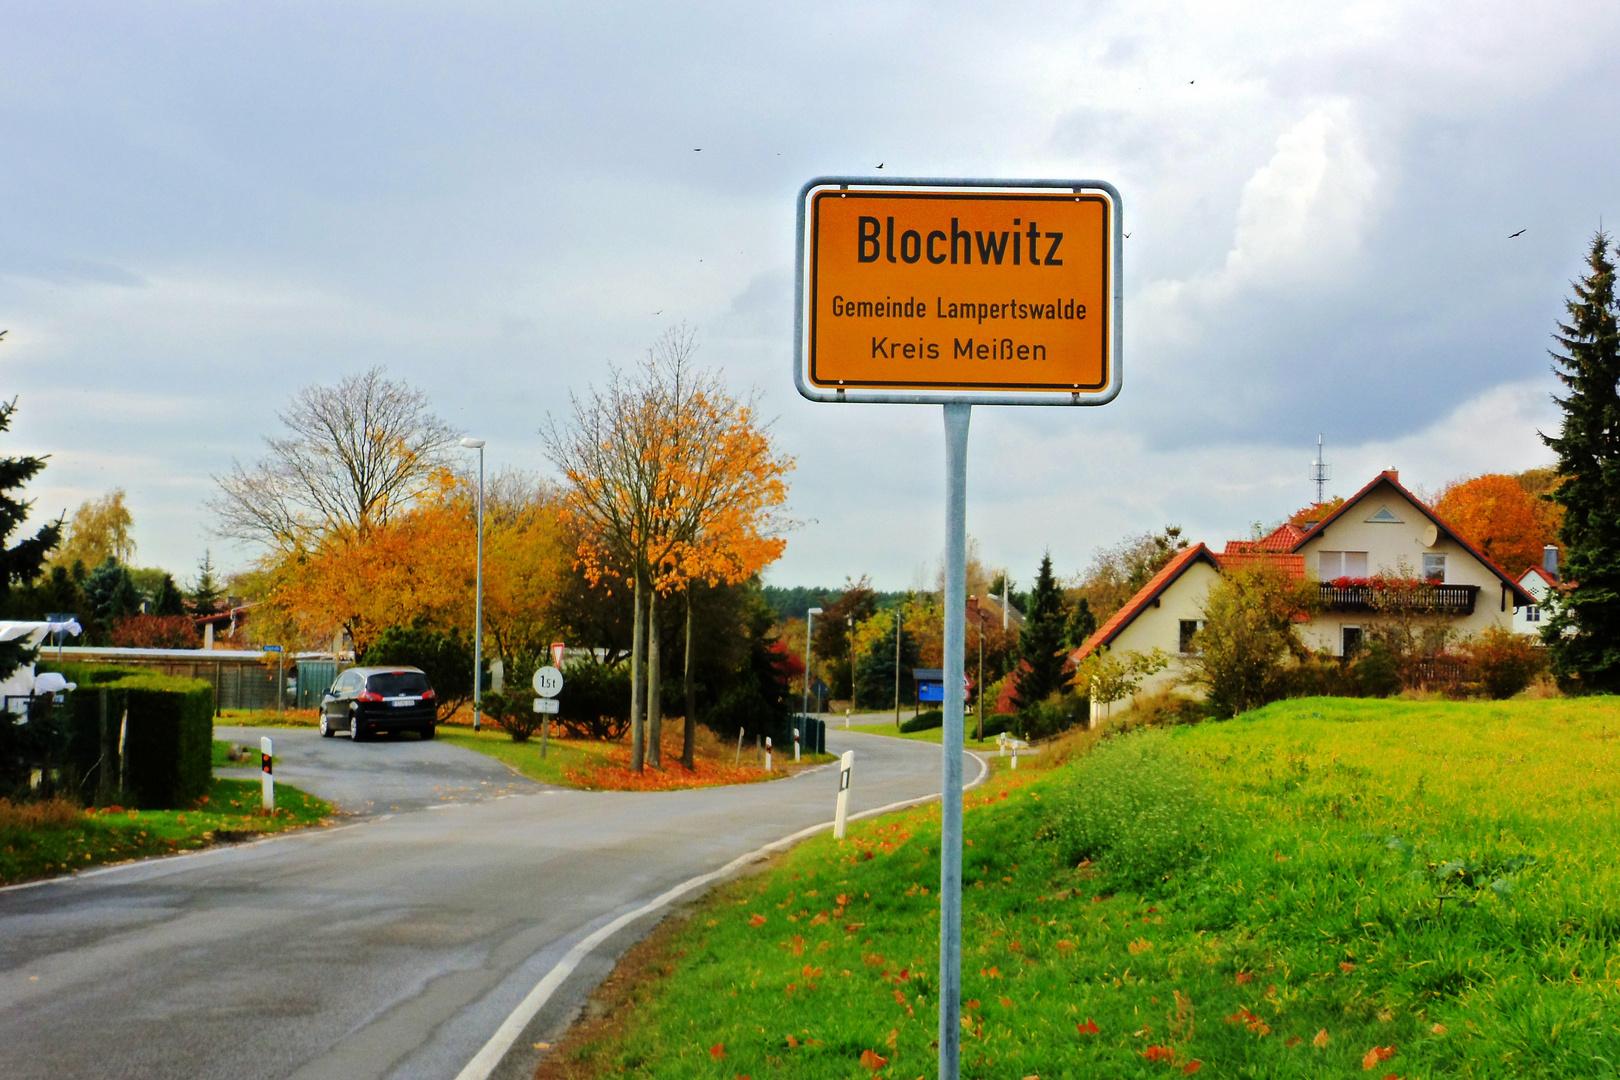 Blochwitz- ein Dörfchen im LKR Meissen